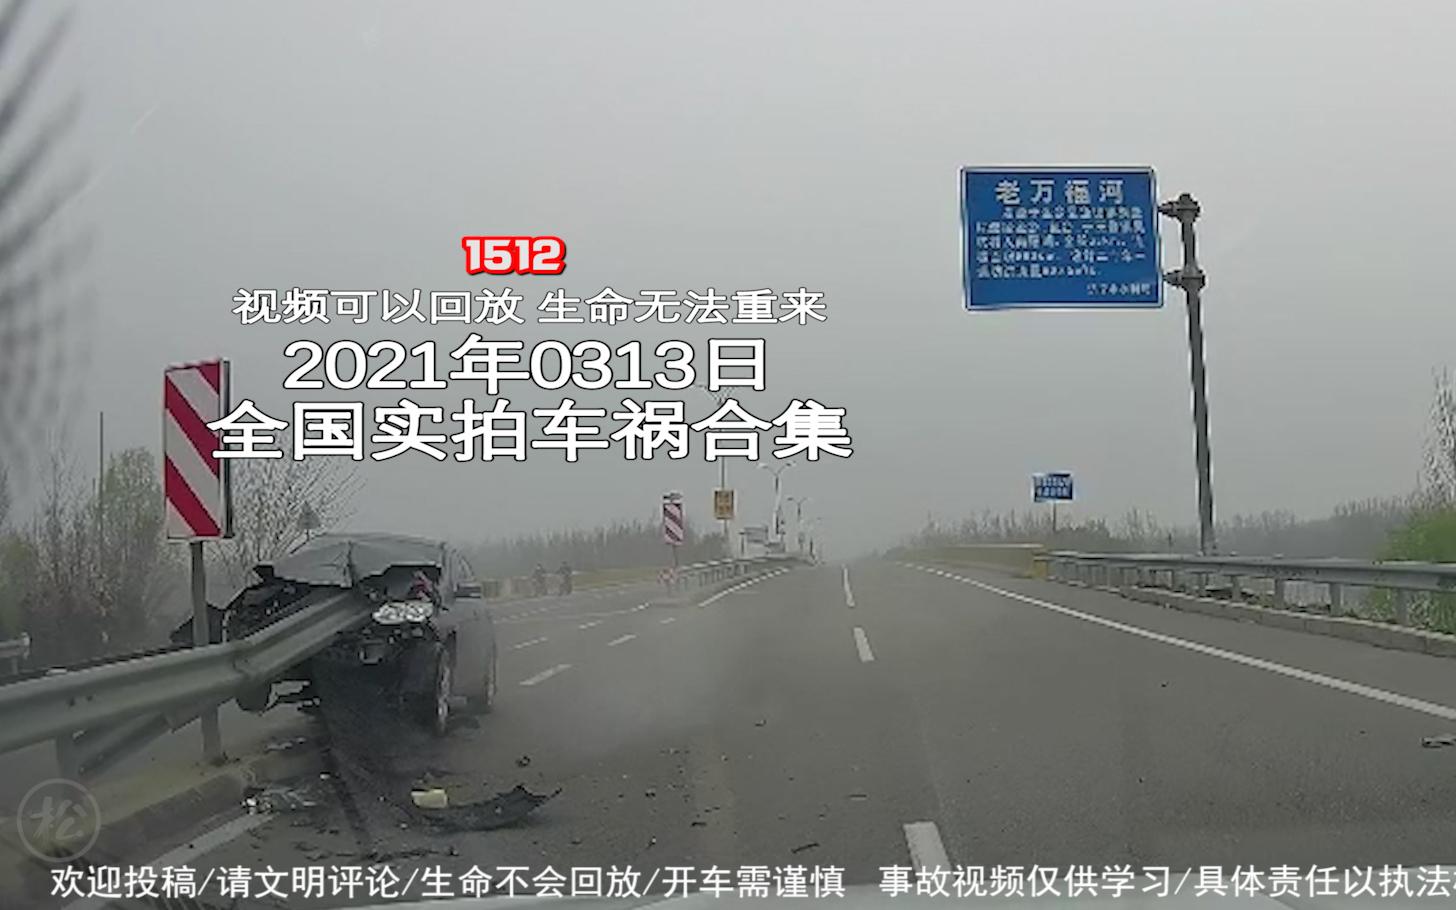 1512期:载重货车撞上小车,将小车挤成铁饼【20210313全国车祸合集】